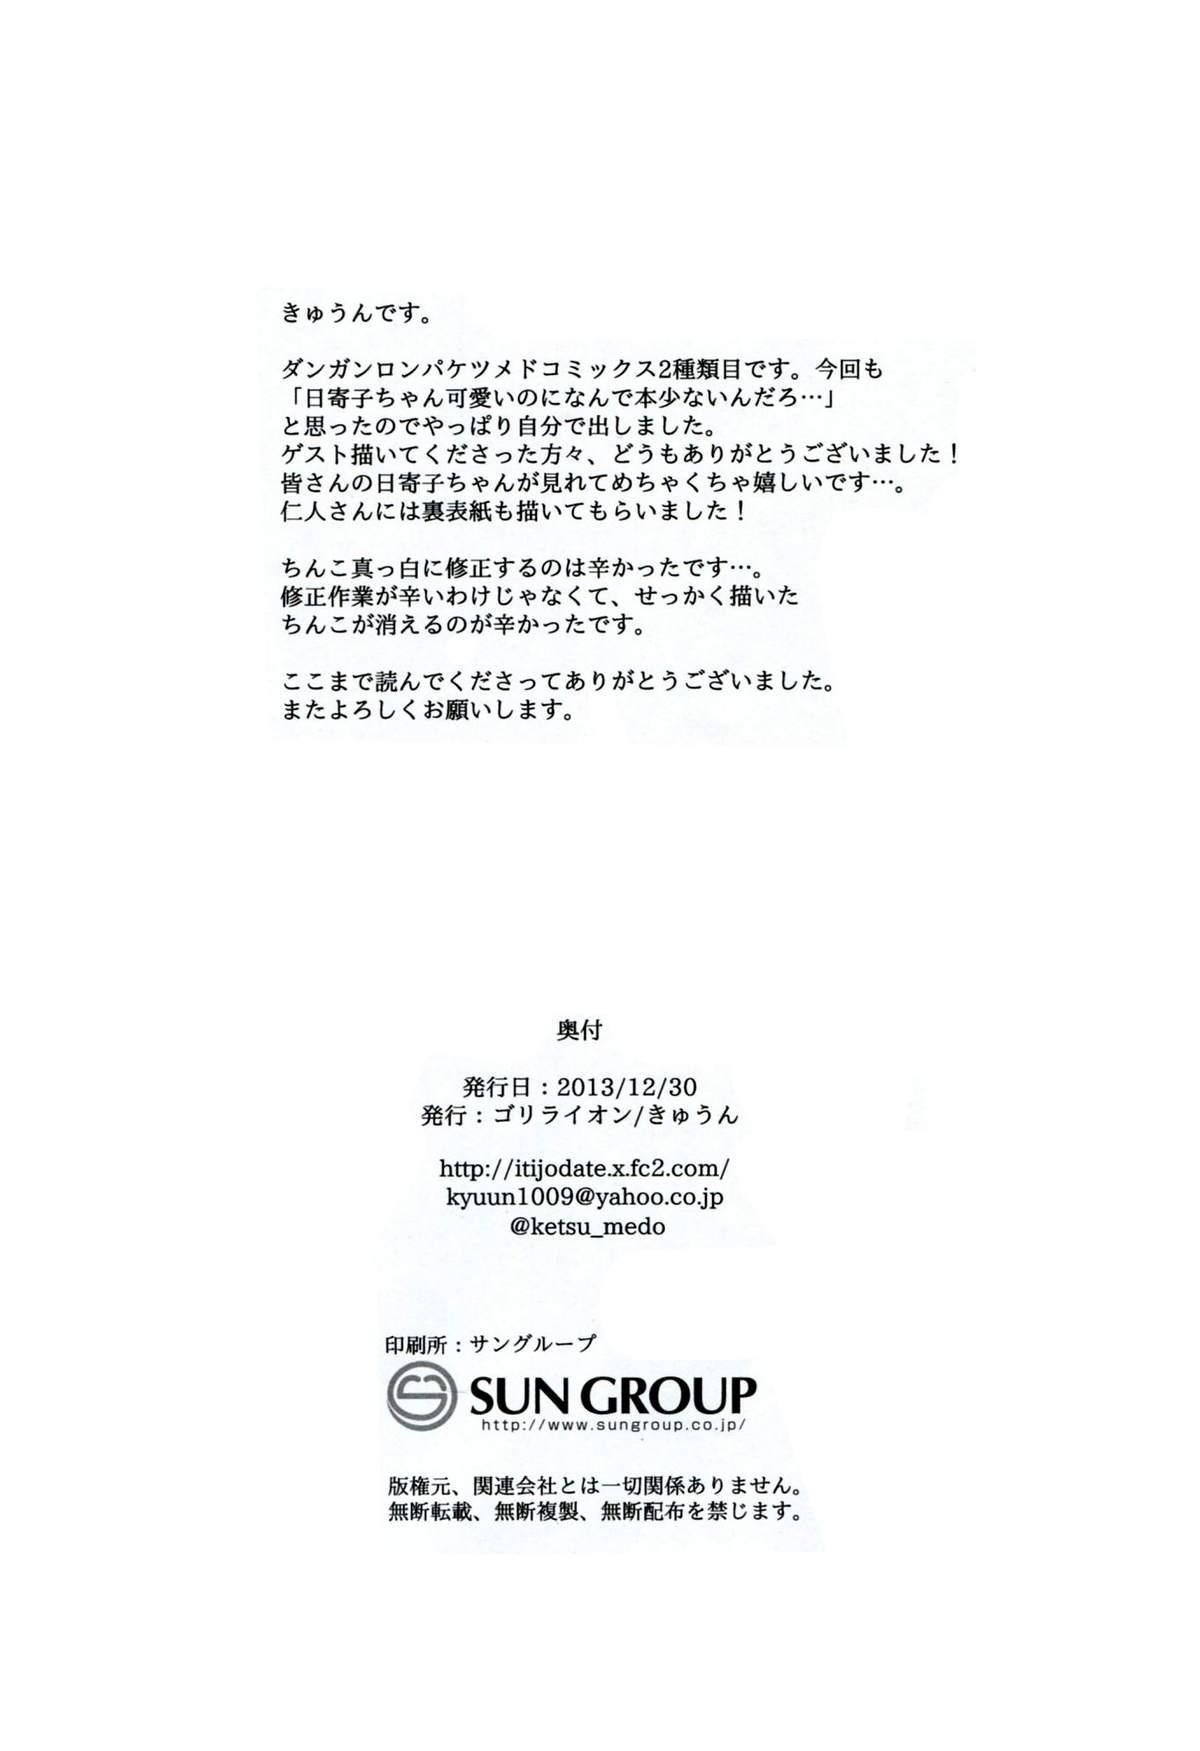 Hirameki Ketsu Anagram 19